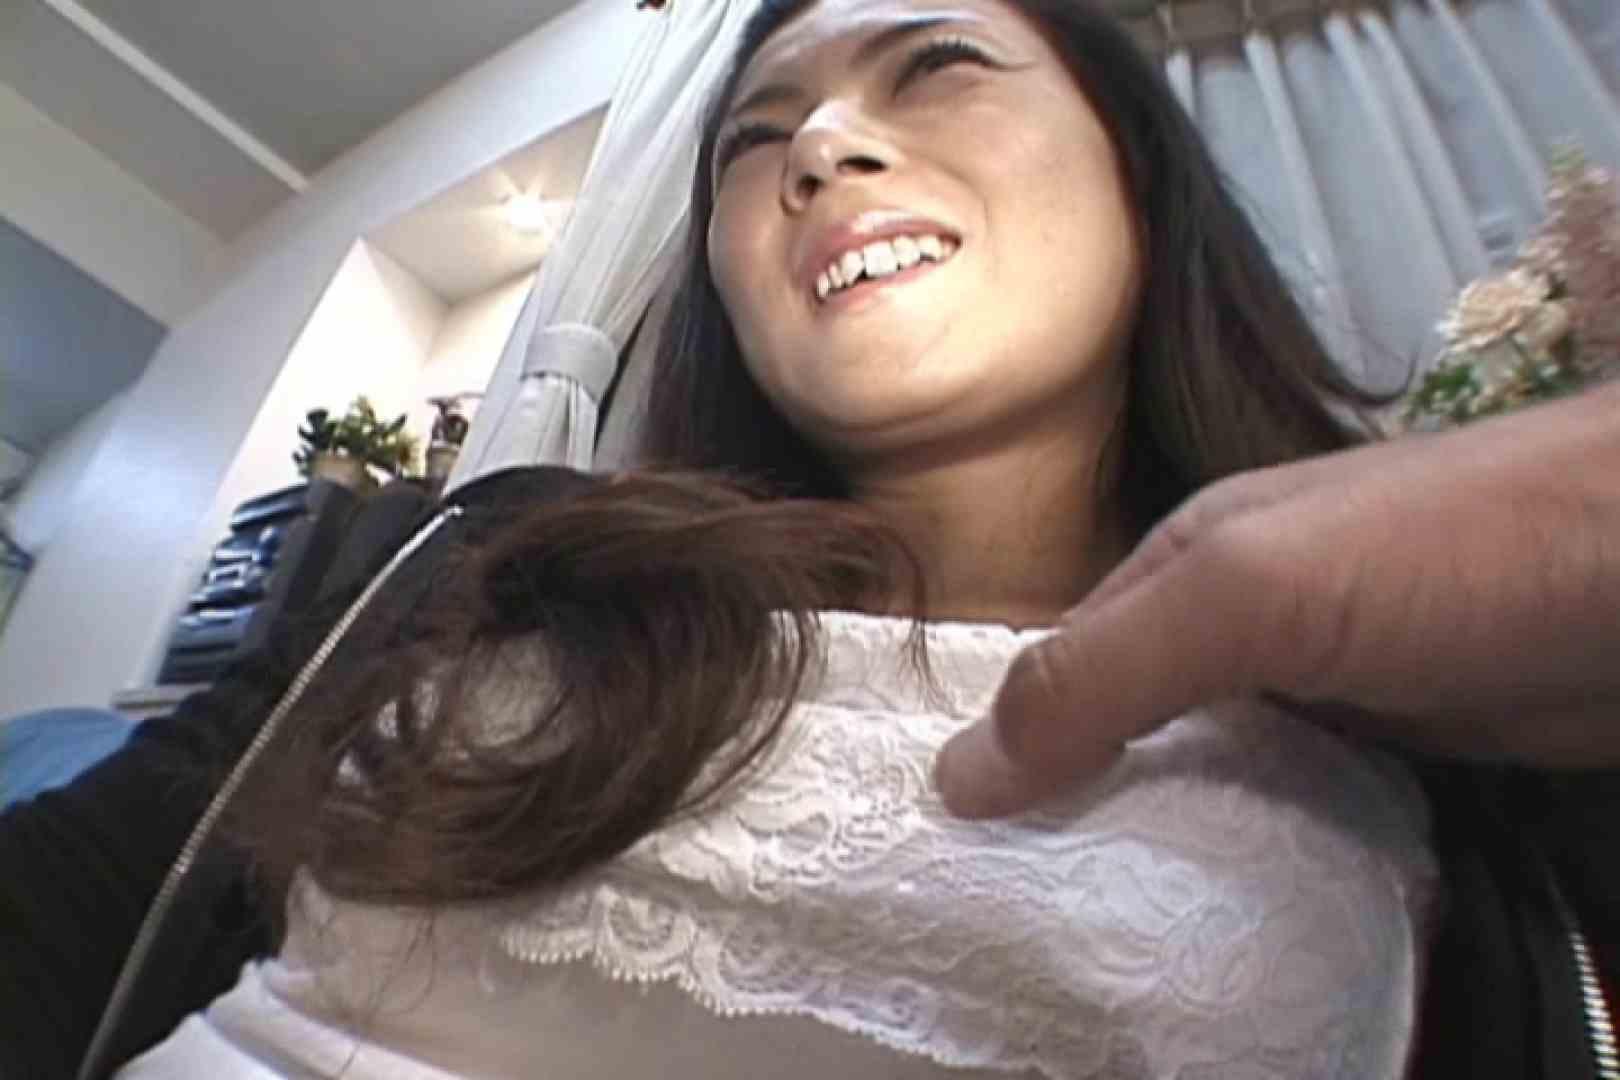 初めての撮影、涙の後には・・・~佳山玲子~ ローター 覗きおまんこ画像 109PIX 68